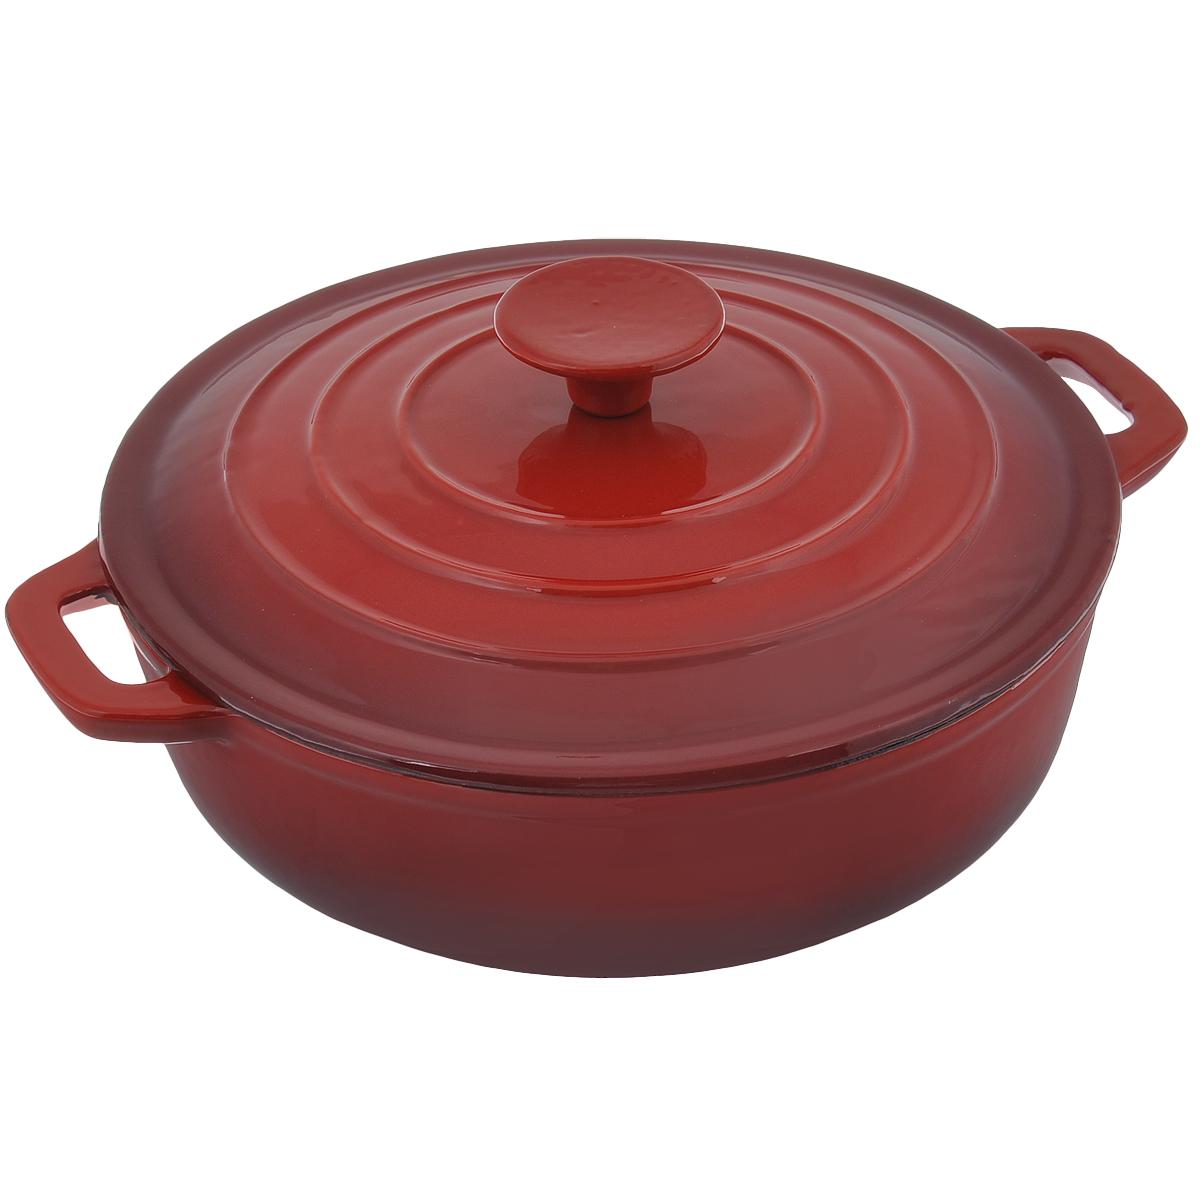 Казан Mayer & Boch с крышкой, с керамическим покрытием, цвет: красный. Диаметр 24 см. 2050720507Казан Mayer & Boch, изготовленный из чугуна, идеально подходит для приготовления вкусных тушеных блюд. Он имеет внутреннее антипригарное керамическое и внешнее эмалированное покрытия. Чугун является традиционным высокопрочным, экологически чистым материалом. Причем, чем дольше и чаще вы пользуетесь этой посудой, тем лучше становятся ее свойства. Высокая теплоемкость чугуна позволяет ему сильно нагреваться и медленно остывать, а это в свою очередь обеспечивает равномерное приготовление пищи. Чугун не вступает в какие-либо химические реакции с пищей в процессе приготовления и хранения, а плотное покрытие - безупречное препятствие для бактерий и запахов. Пища, приготовленная в чугунной посуде, благодаря экологической чистоте материала не может нанести вред здоровью человека. Казан оснащен двумя удобными ручками. Крышка изготовлена из чугуна. Она плотно прилегает к краю казана, сохраняя аромат блюд. Нельзя мыть в посудомоечной машине. Высота стенки: 6,5 см. Толщина стенки: 4 мм. Толщина дна: 5 мм. Ширина казана (с учетом ручек): 29 см.